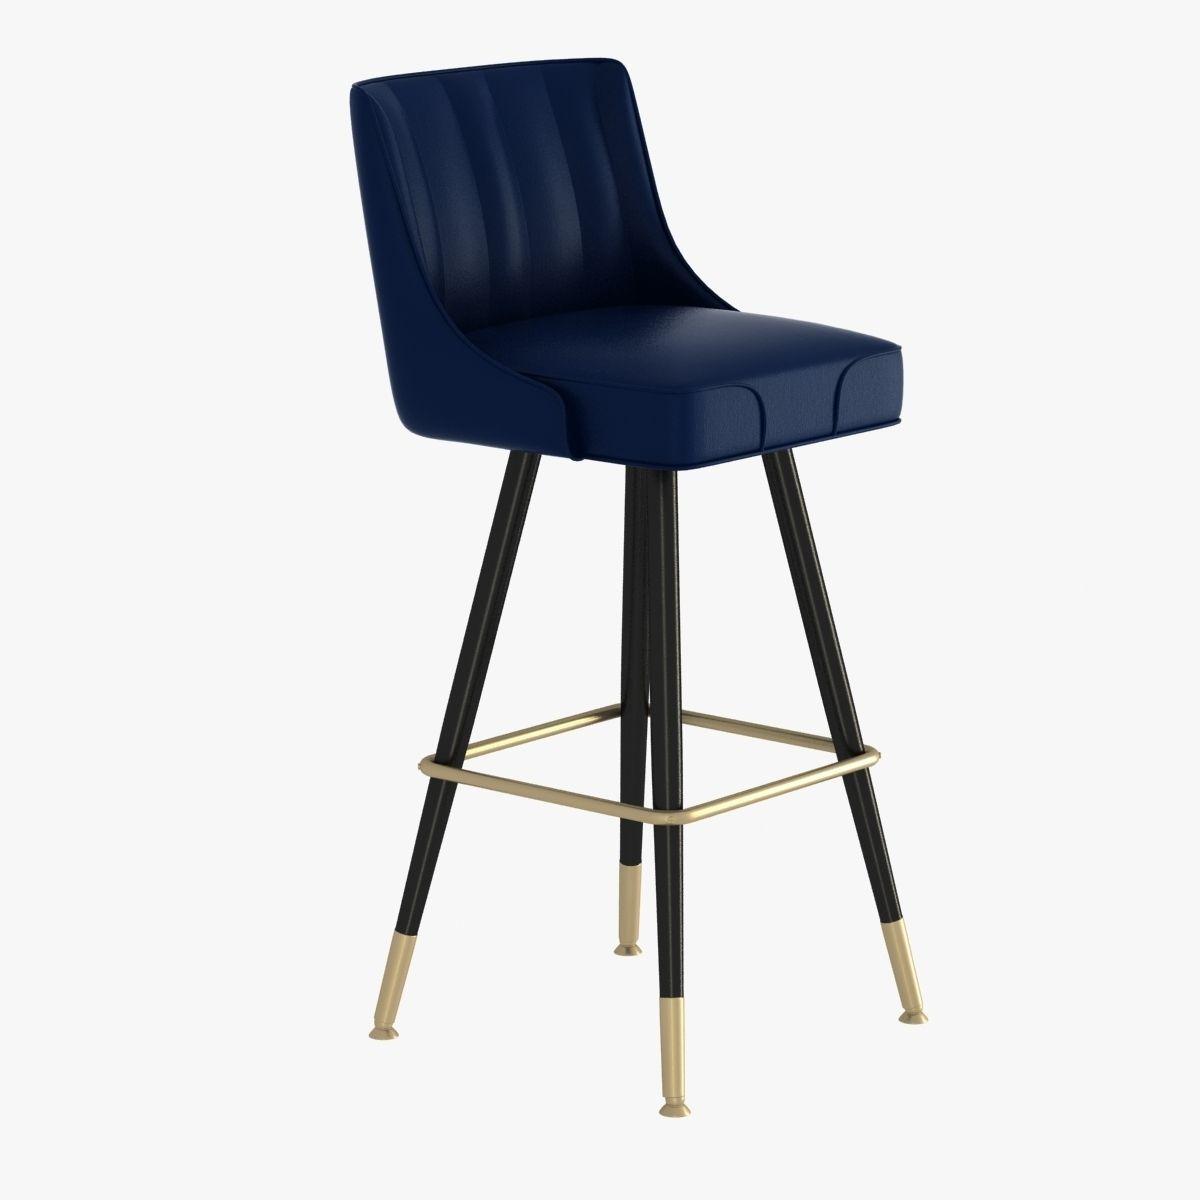 Richardson Seating Bar Stool 3D Model MAX OBJ 3DS FBX  : richardsonseatingbarstool3dmodel3dsfbxobjmaxb287d3f4 bdb5 40ef af32 efe7d58e1f43 from www.cgtrader.com size 1200 x 1200 jpeg 44kB